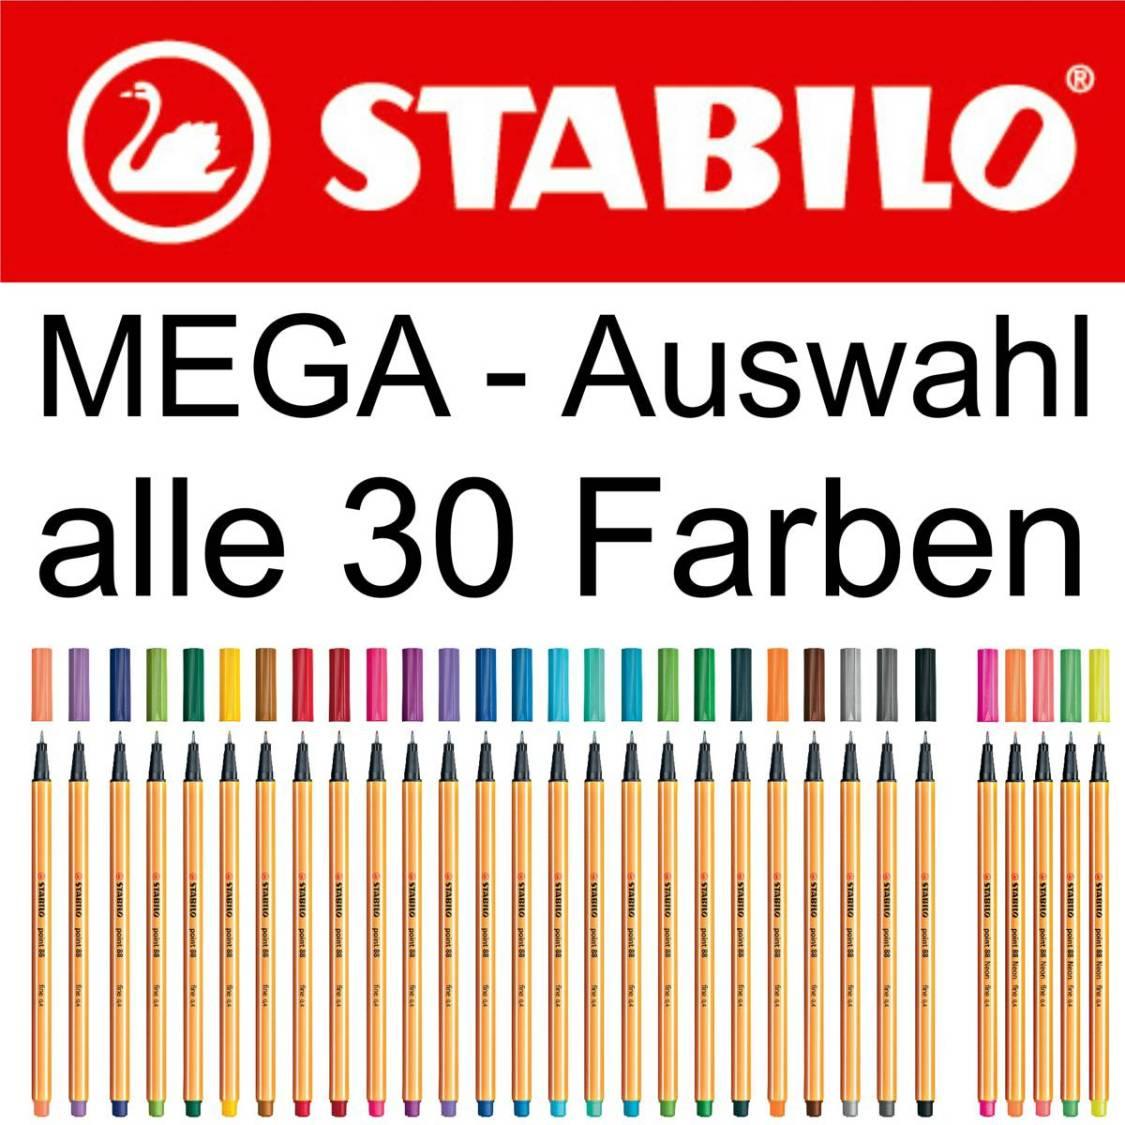 STABILO Fineliner point 88 Einzelstift alle 30 Farben [Farbe wählbar]